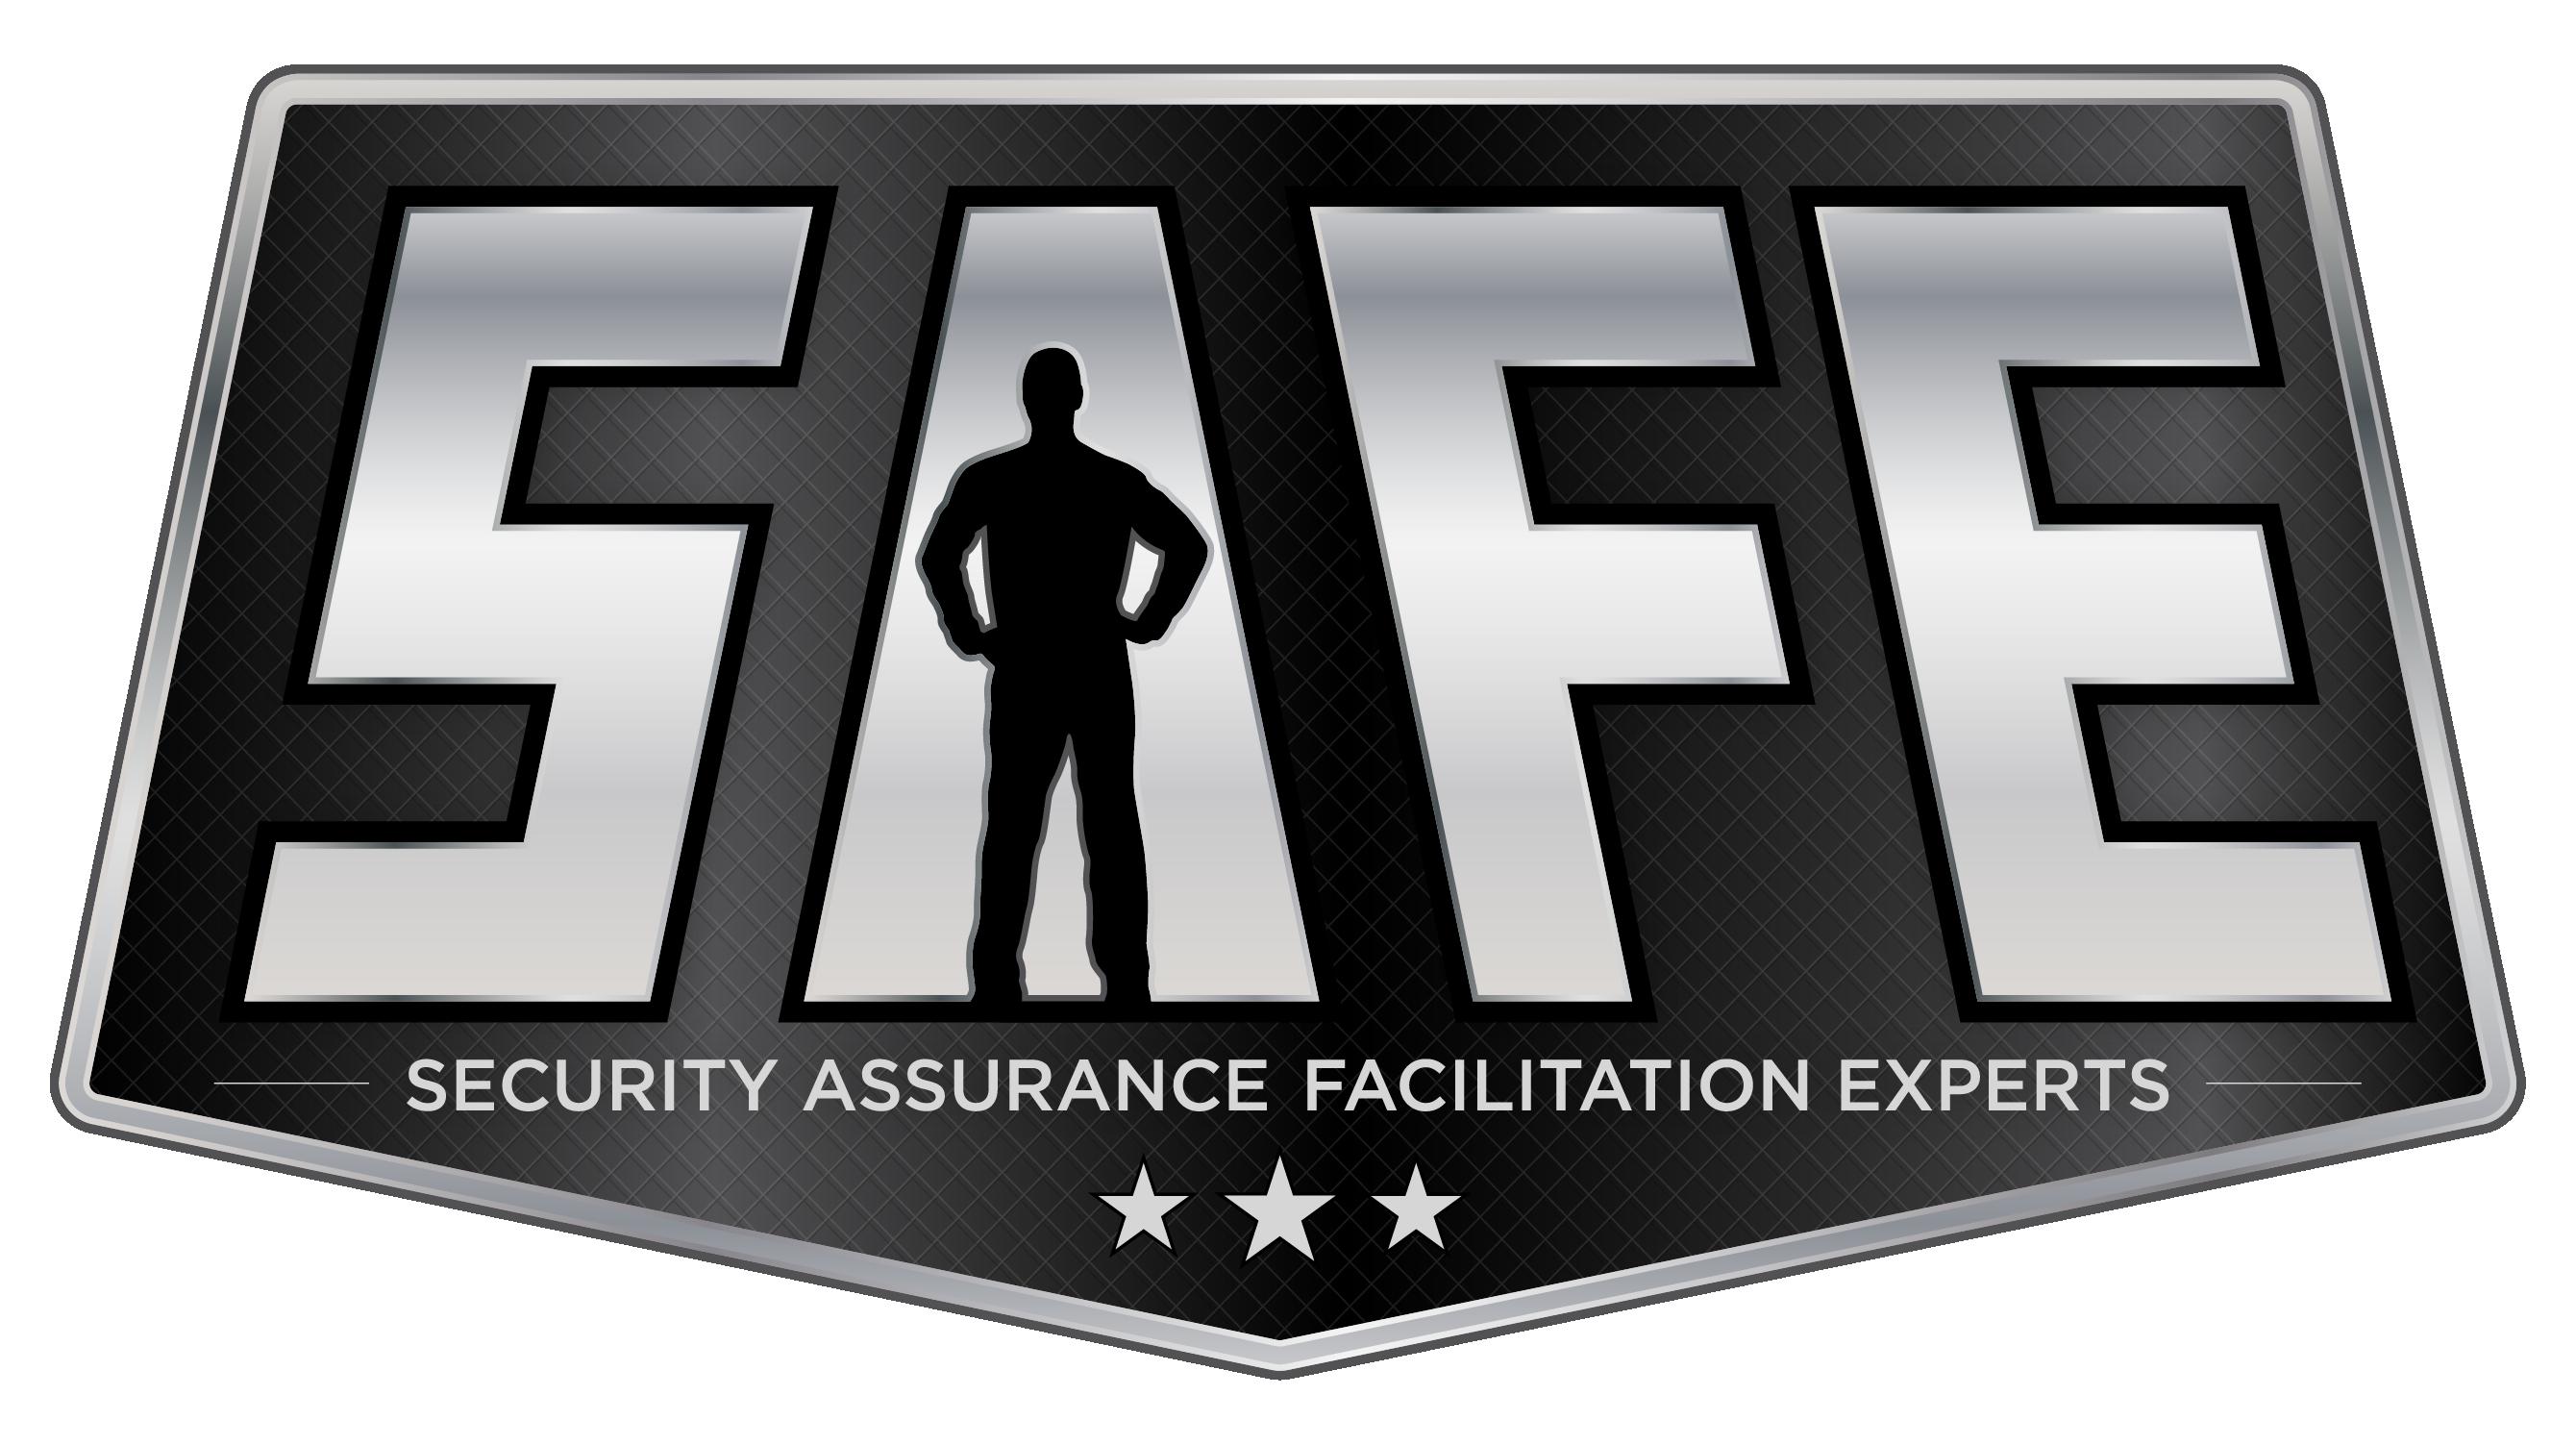 Security Assurance Facilitation Experts